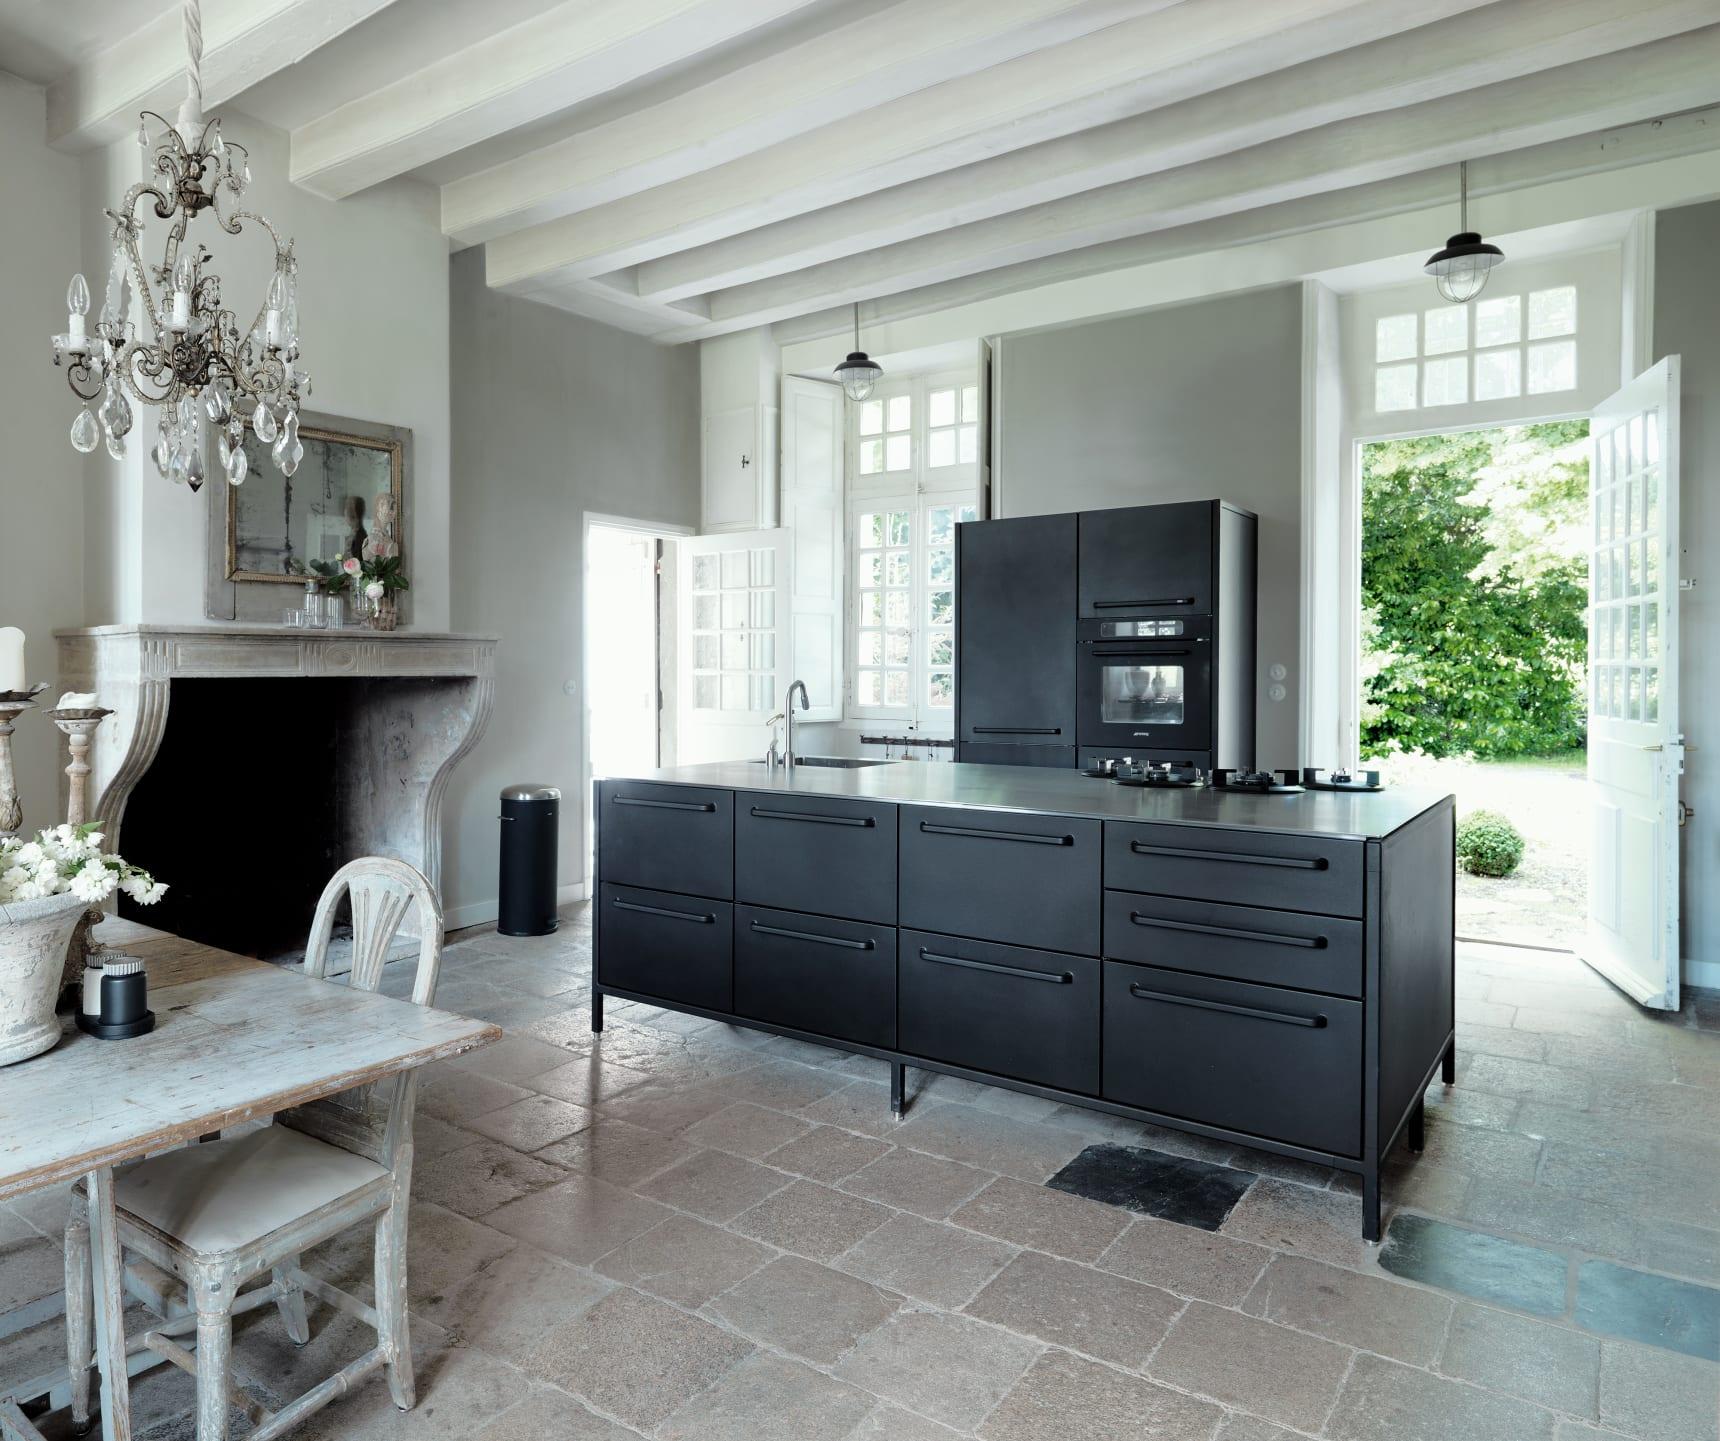 Küchen-Design Inspirationen: So könnte Deine nächste Küche aussehen 6